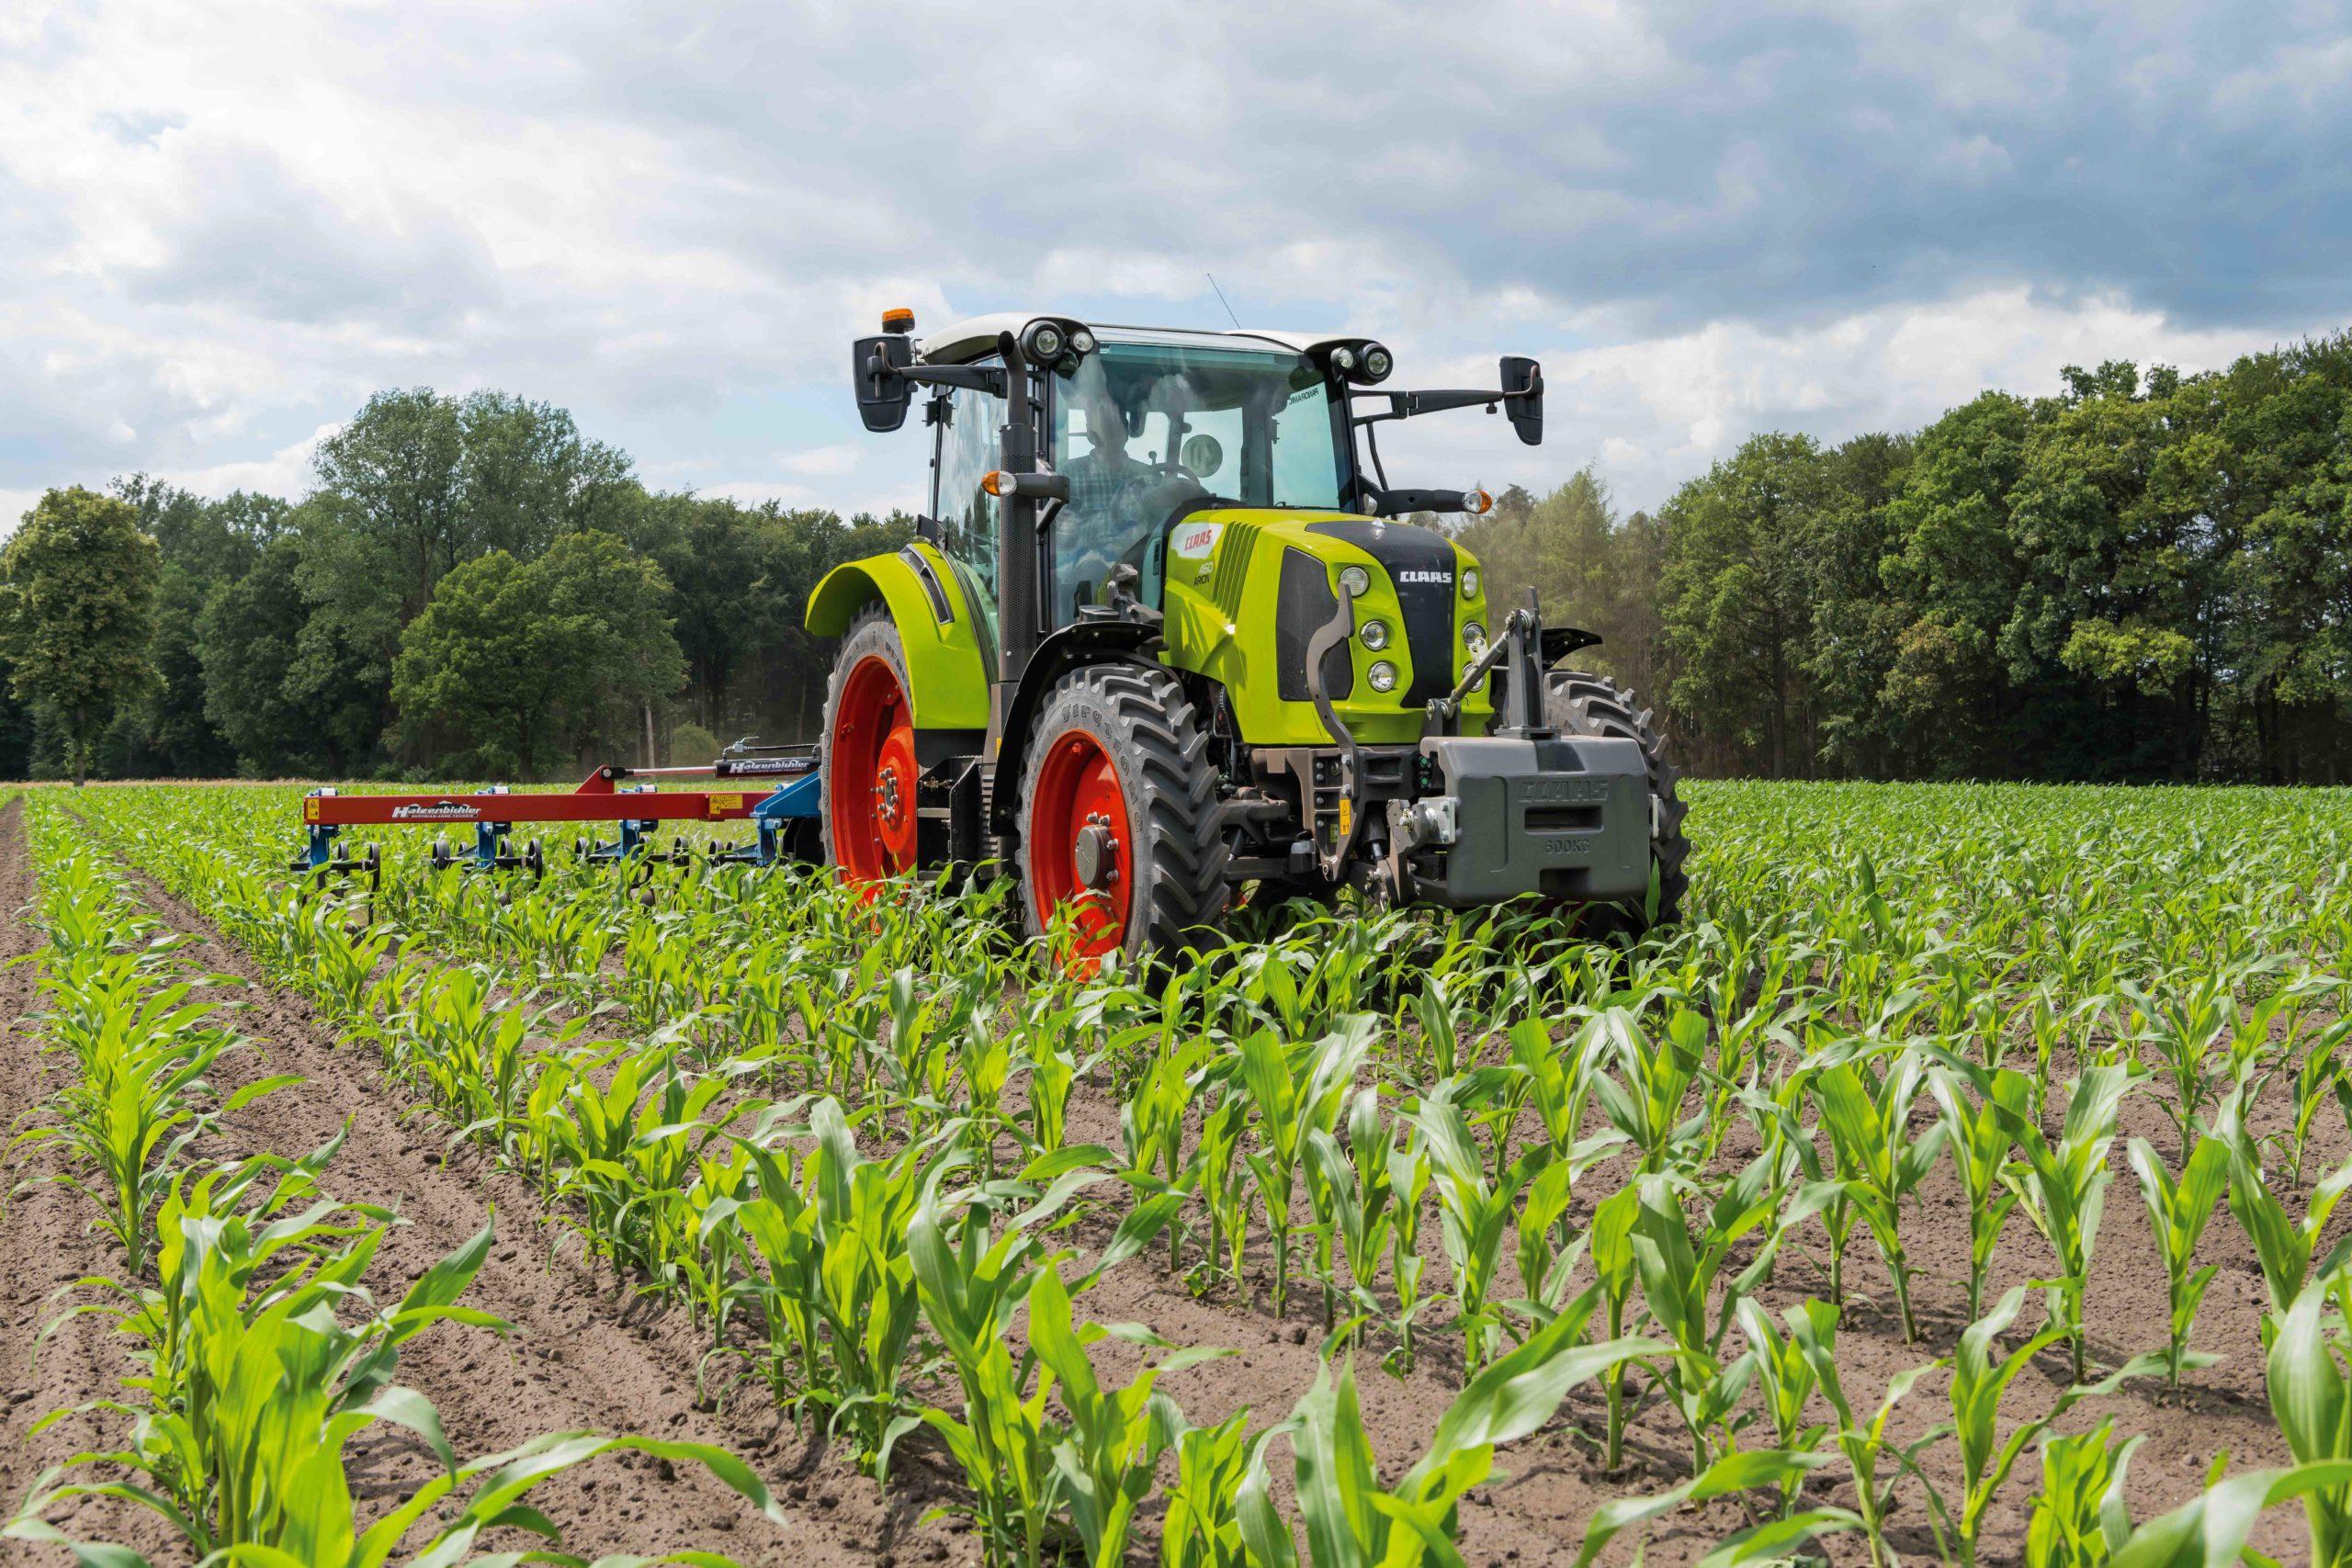 Claas met à jour son tracteur Arion 400